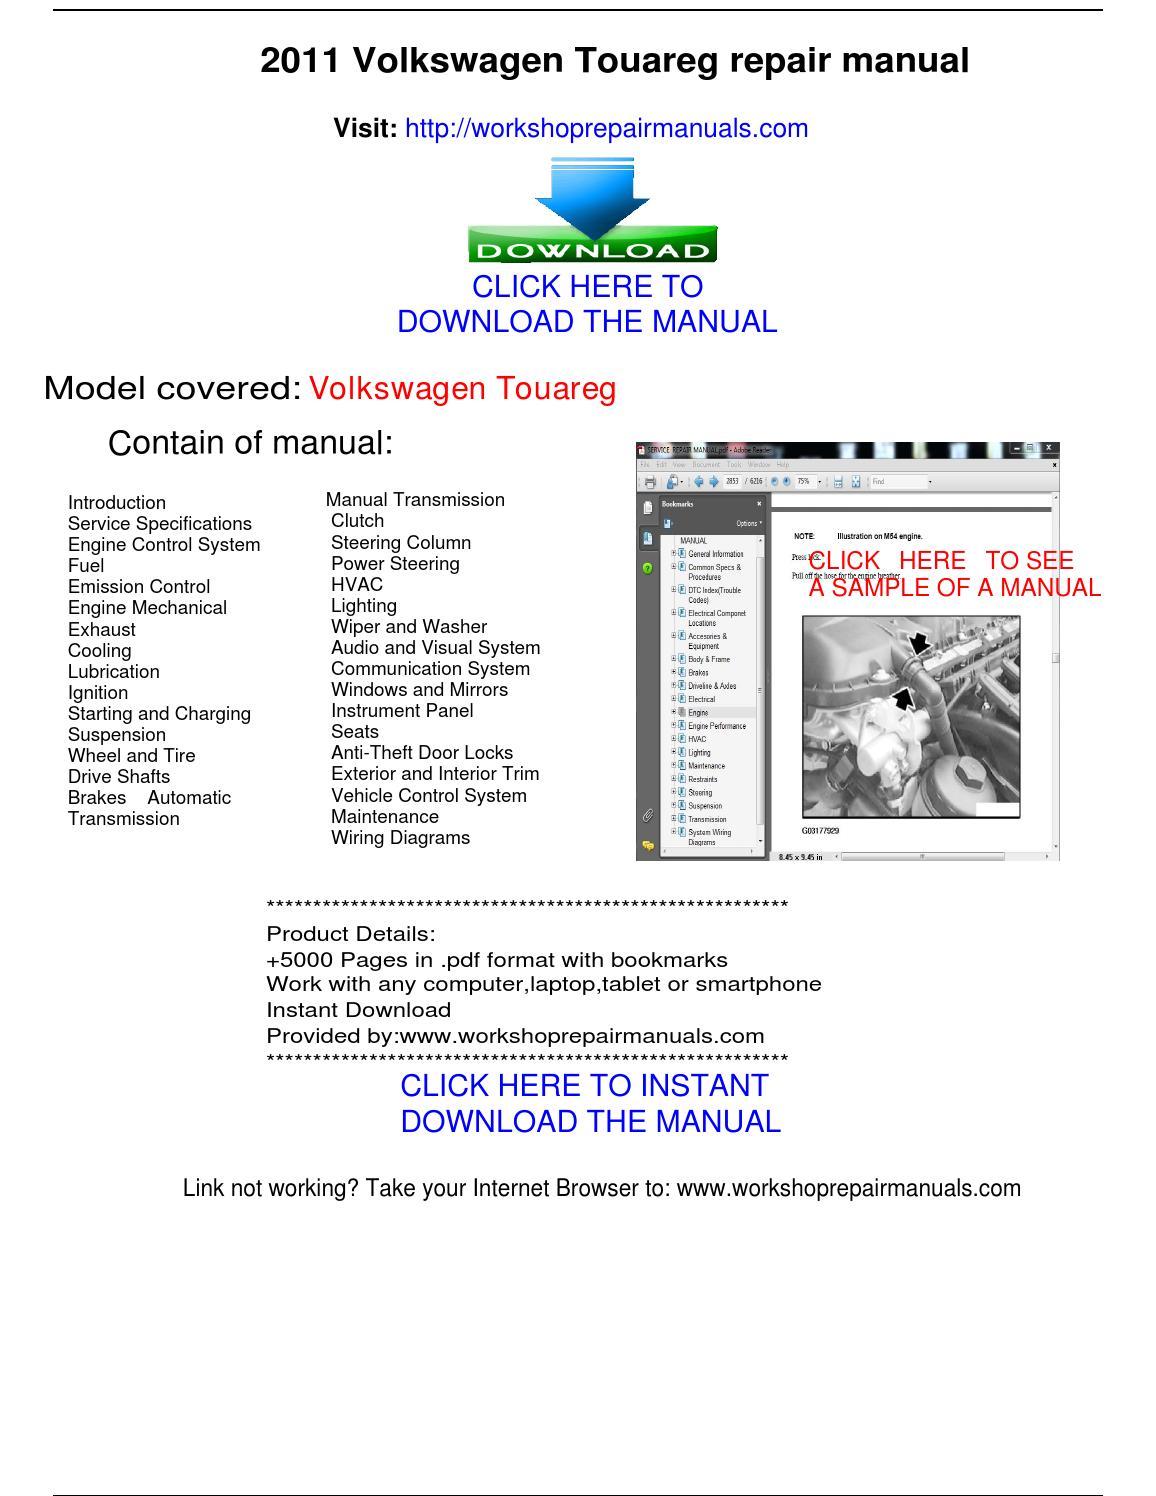 2011 touareg service manual